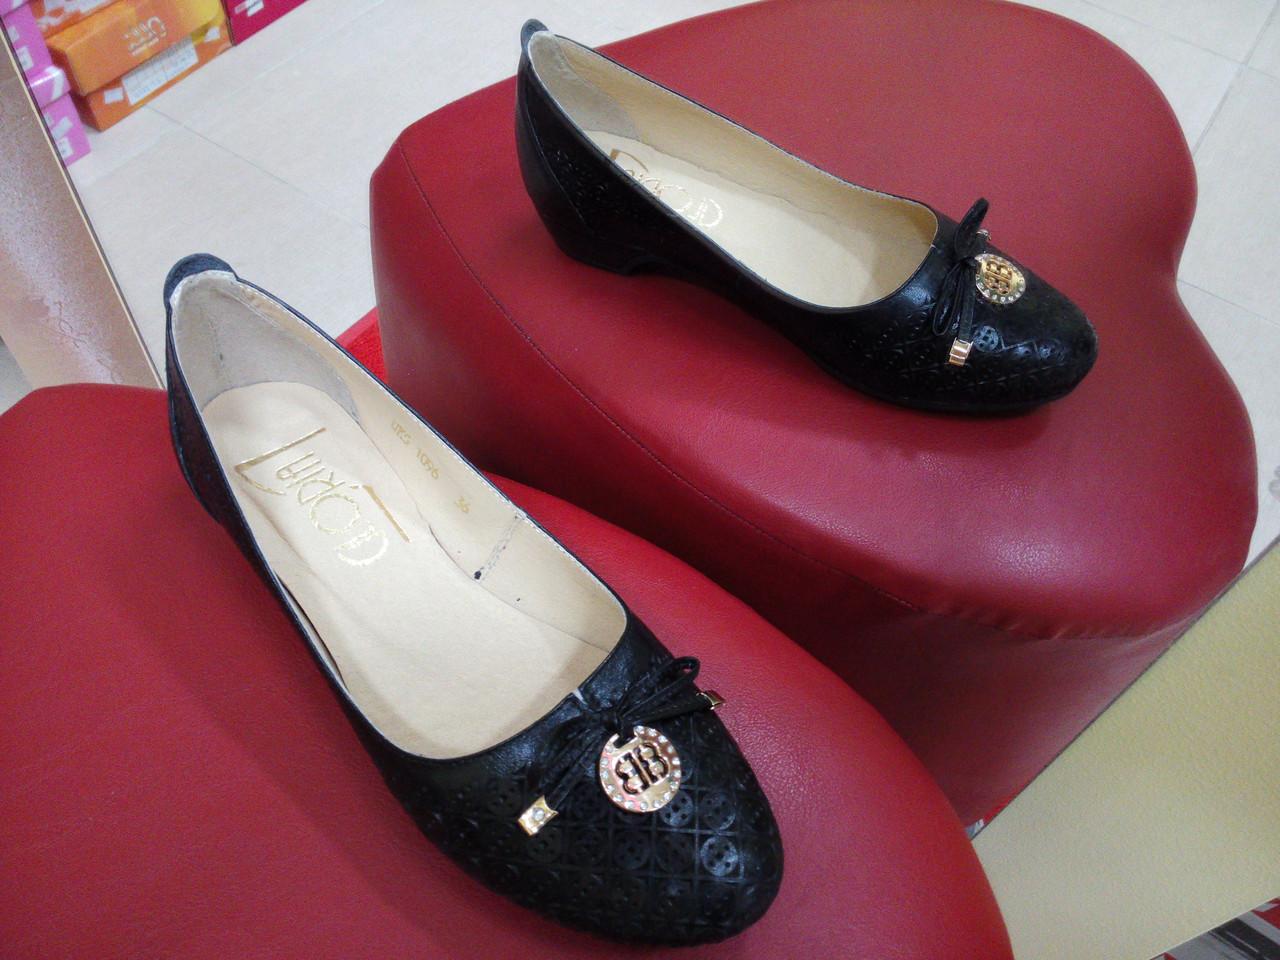 a10934e45085 Женские кожаные туфли на маленьком каблучке GLORIA чёрные. -  интернет-магазин обуви